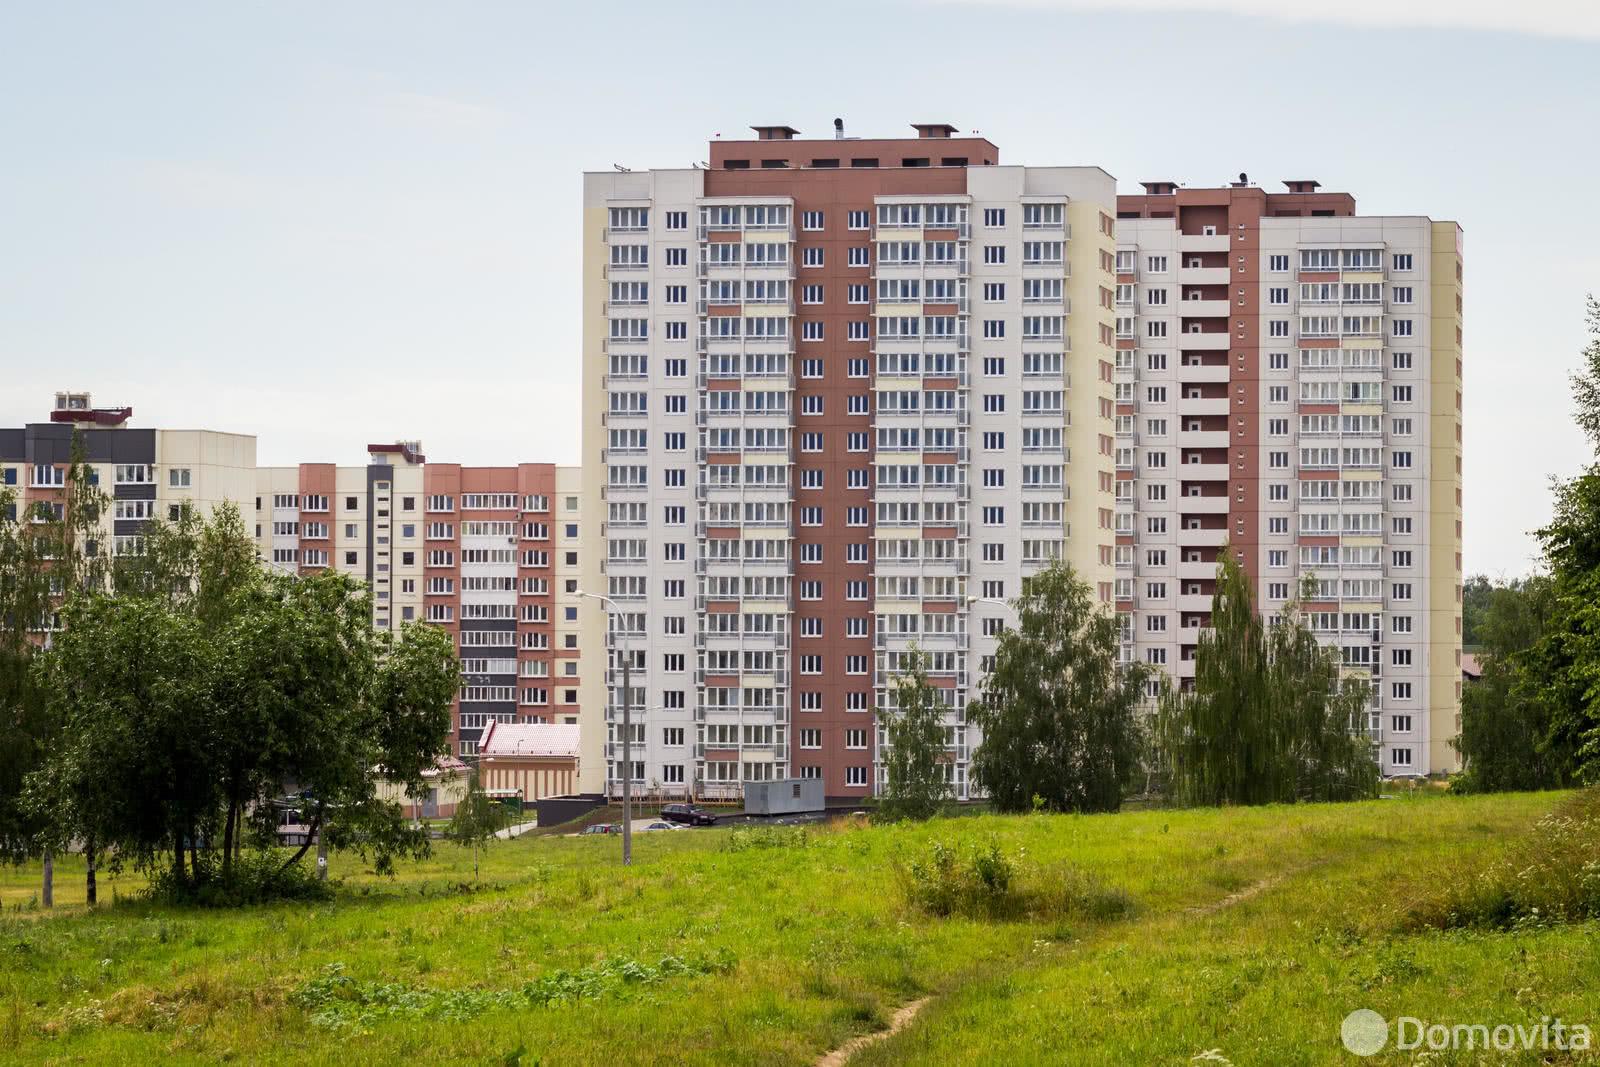 Жилой дом № 4 по ул. Академика Карского - фото 4